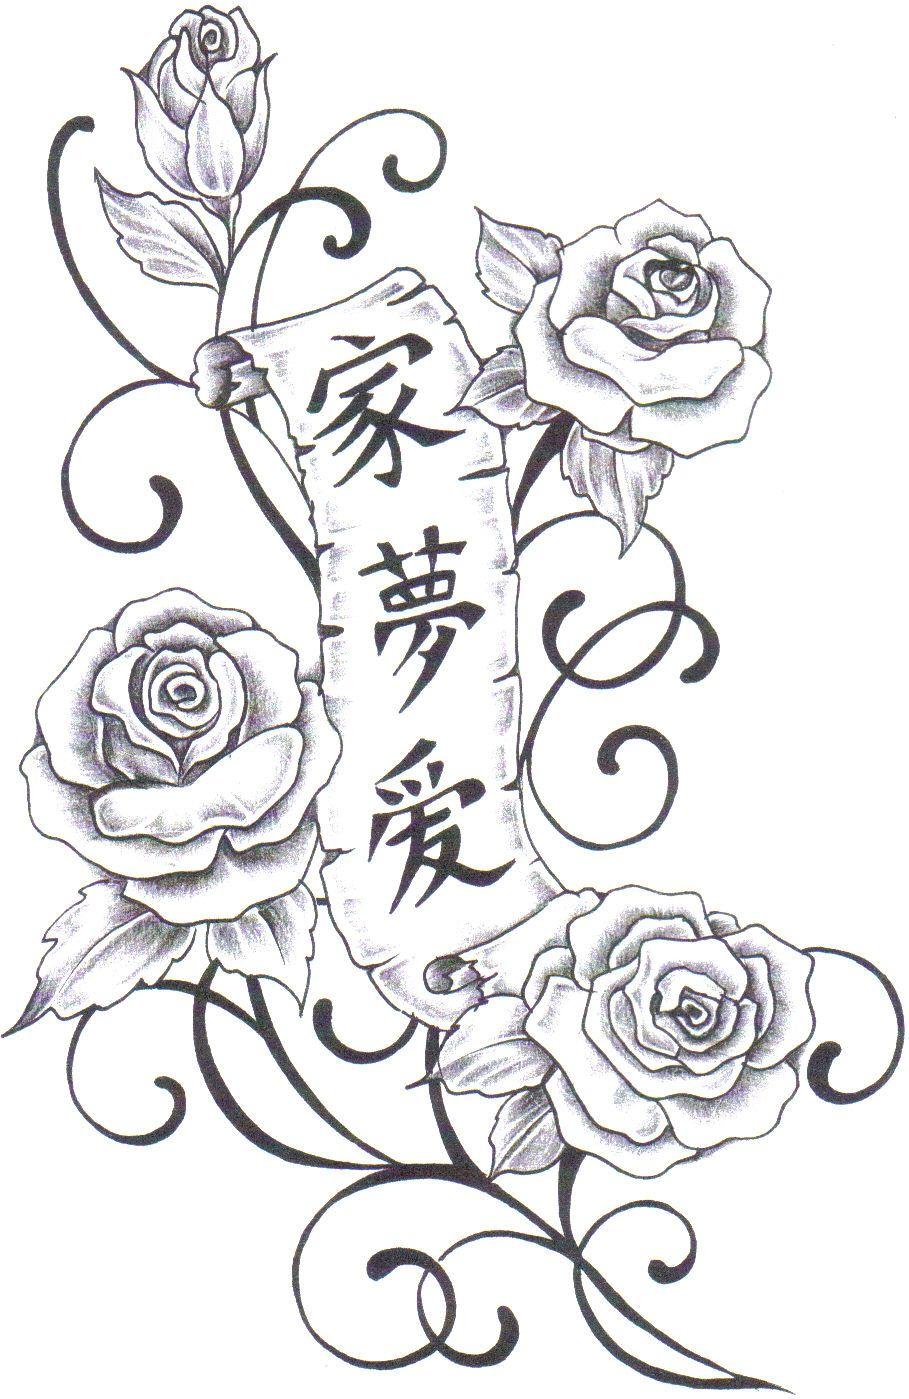 Tattoo Bilder Vorlagen Kostenlos Tattoo Arts Blumenranken Tattoo Rosenzeichnungen Blumenzeichnung